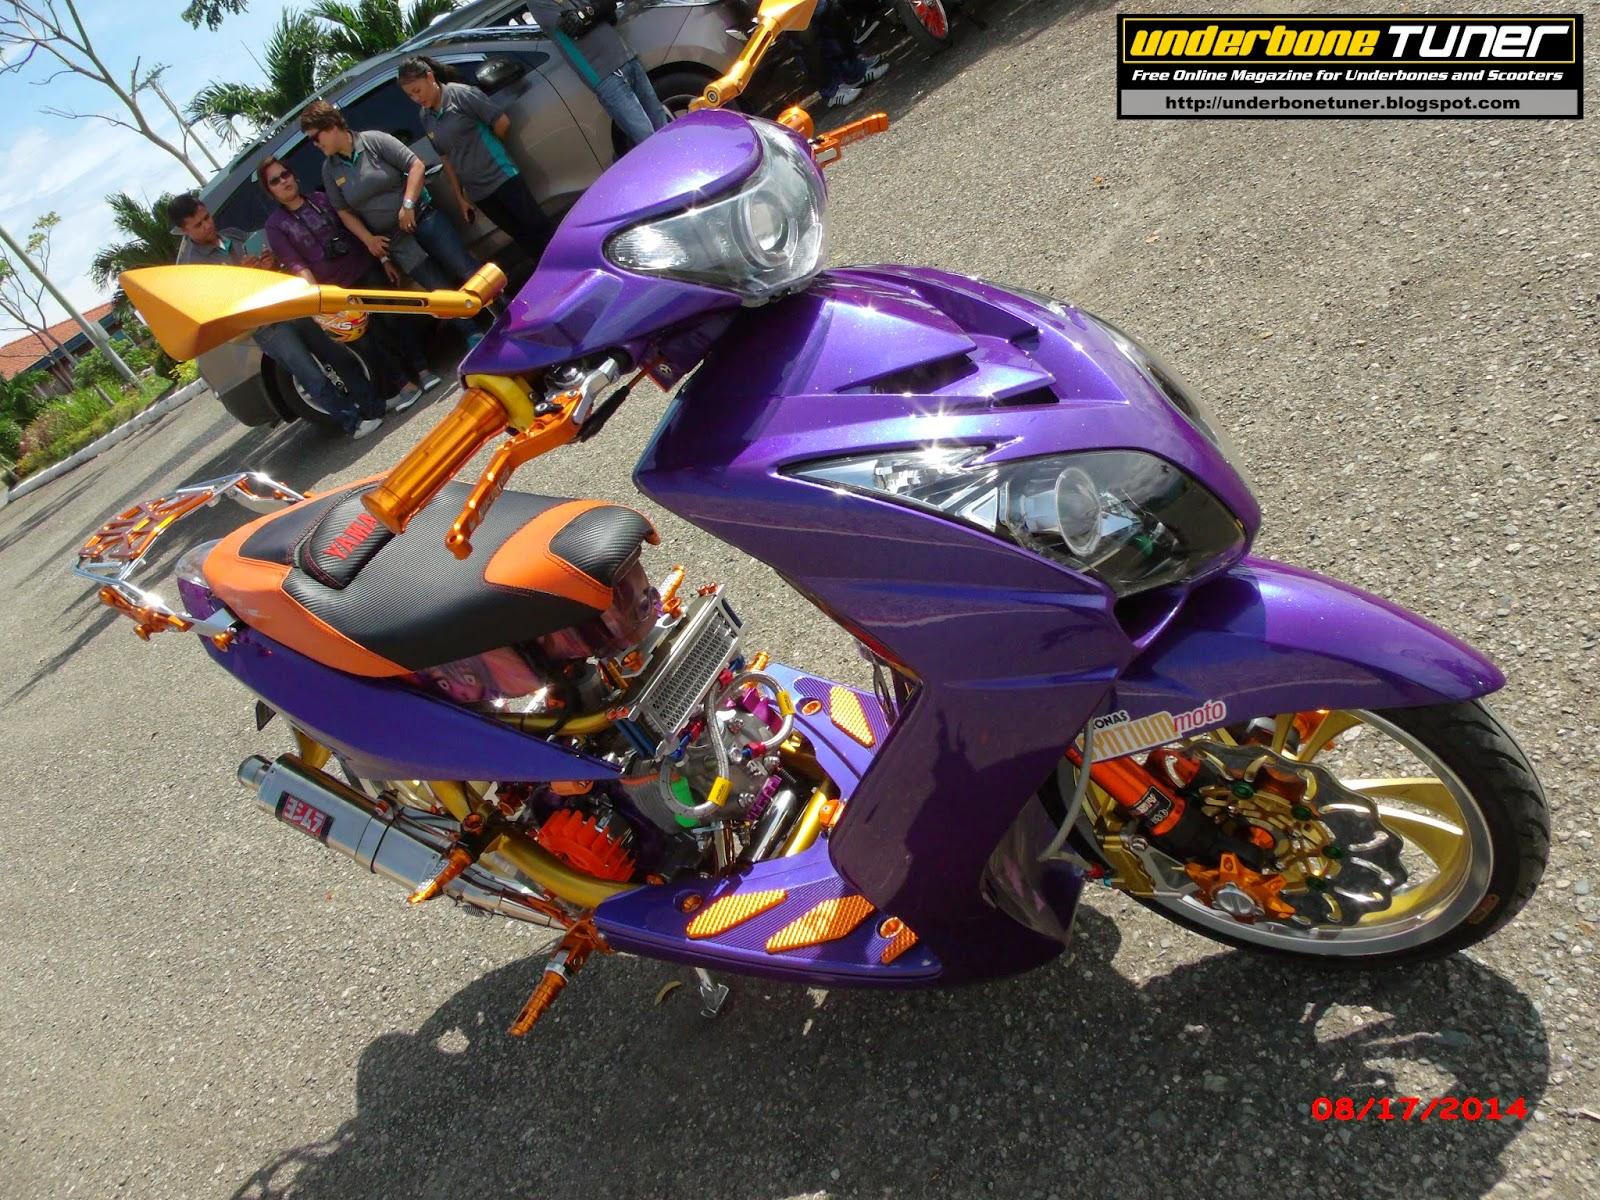 Yamaha Mio Amore Set Up